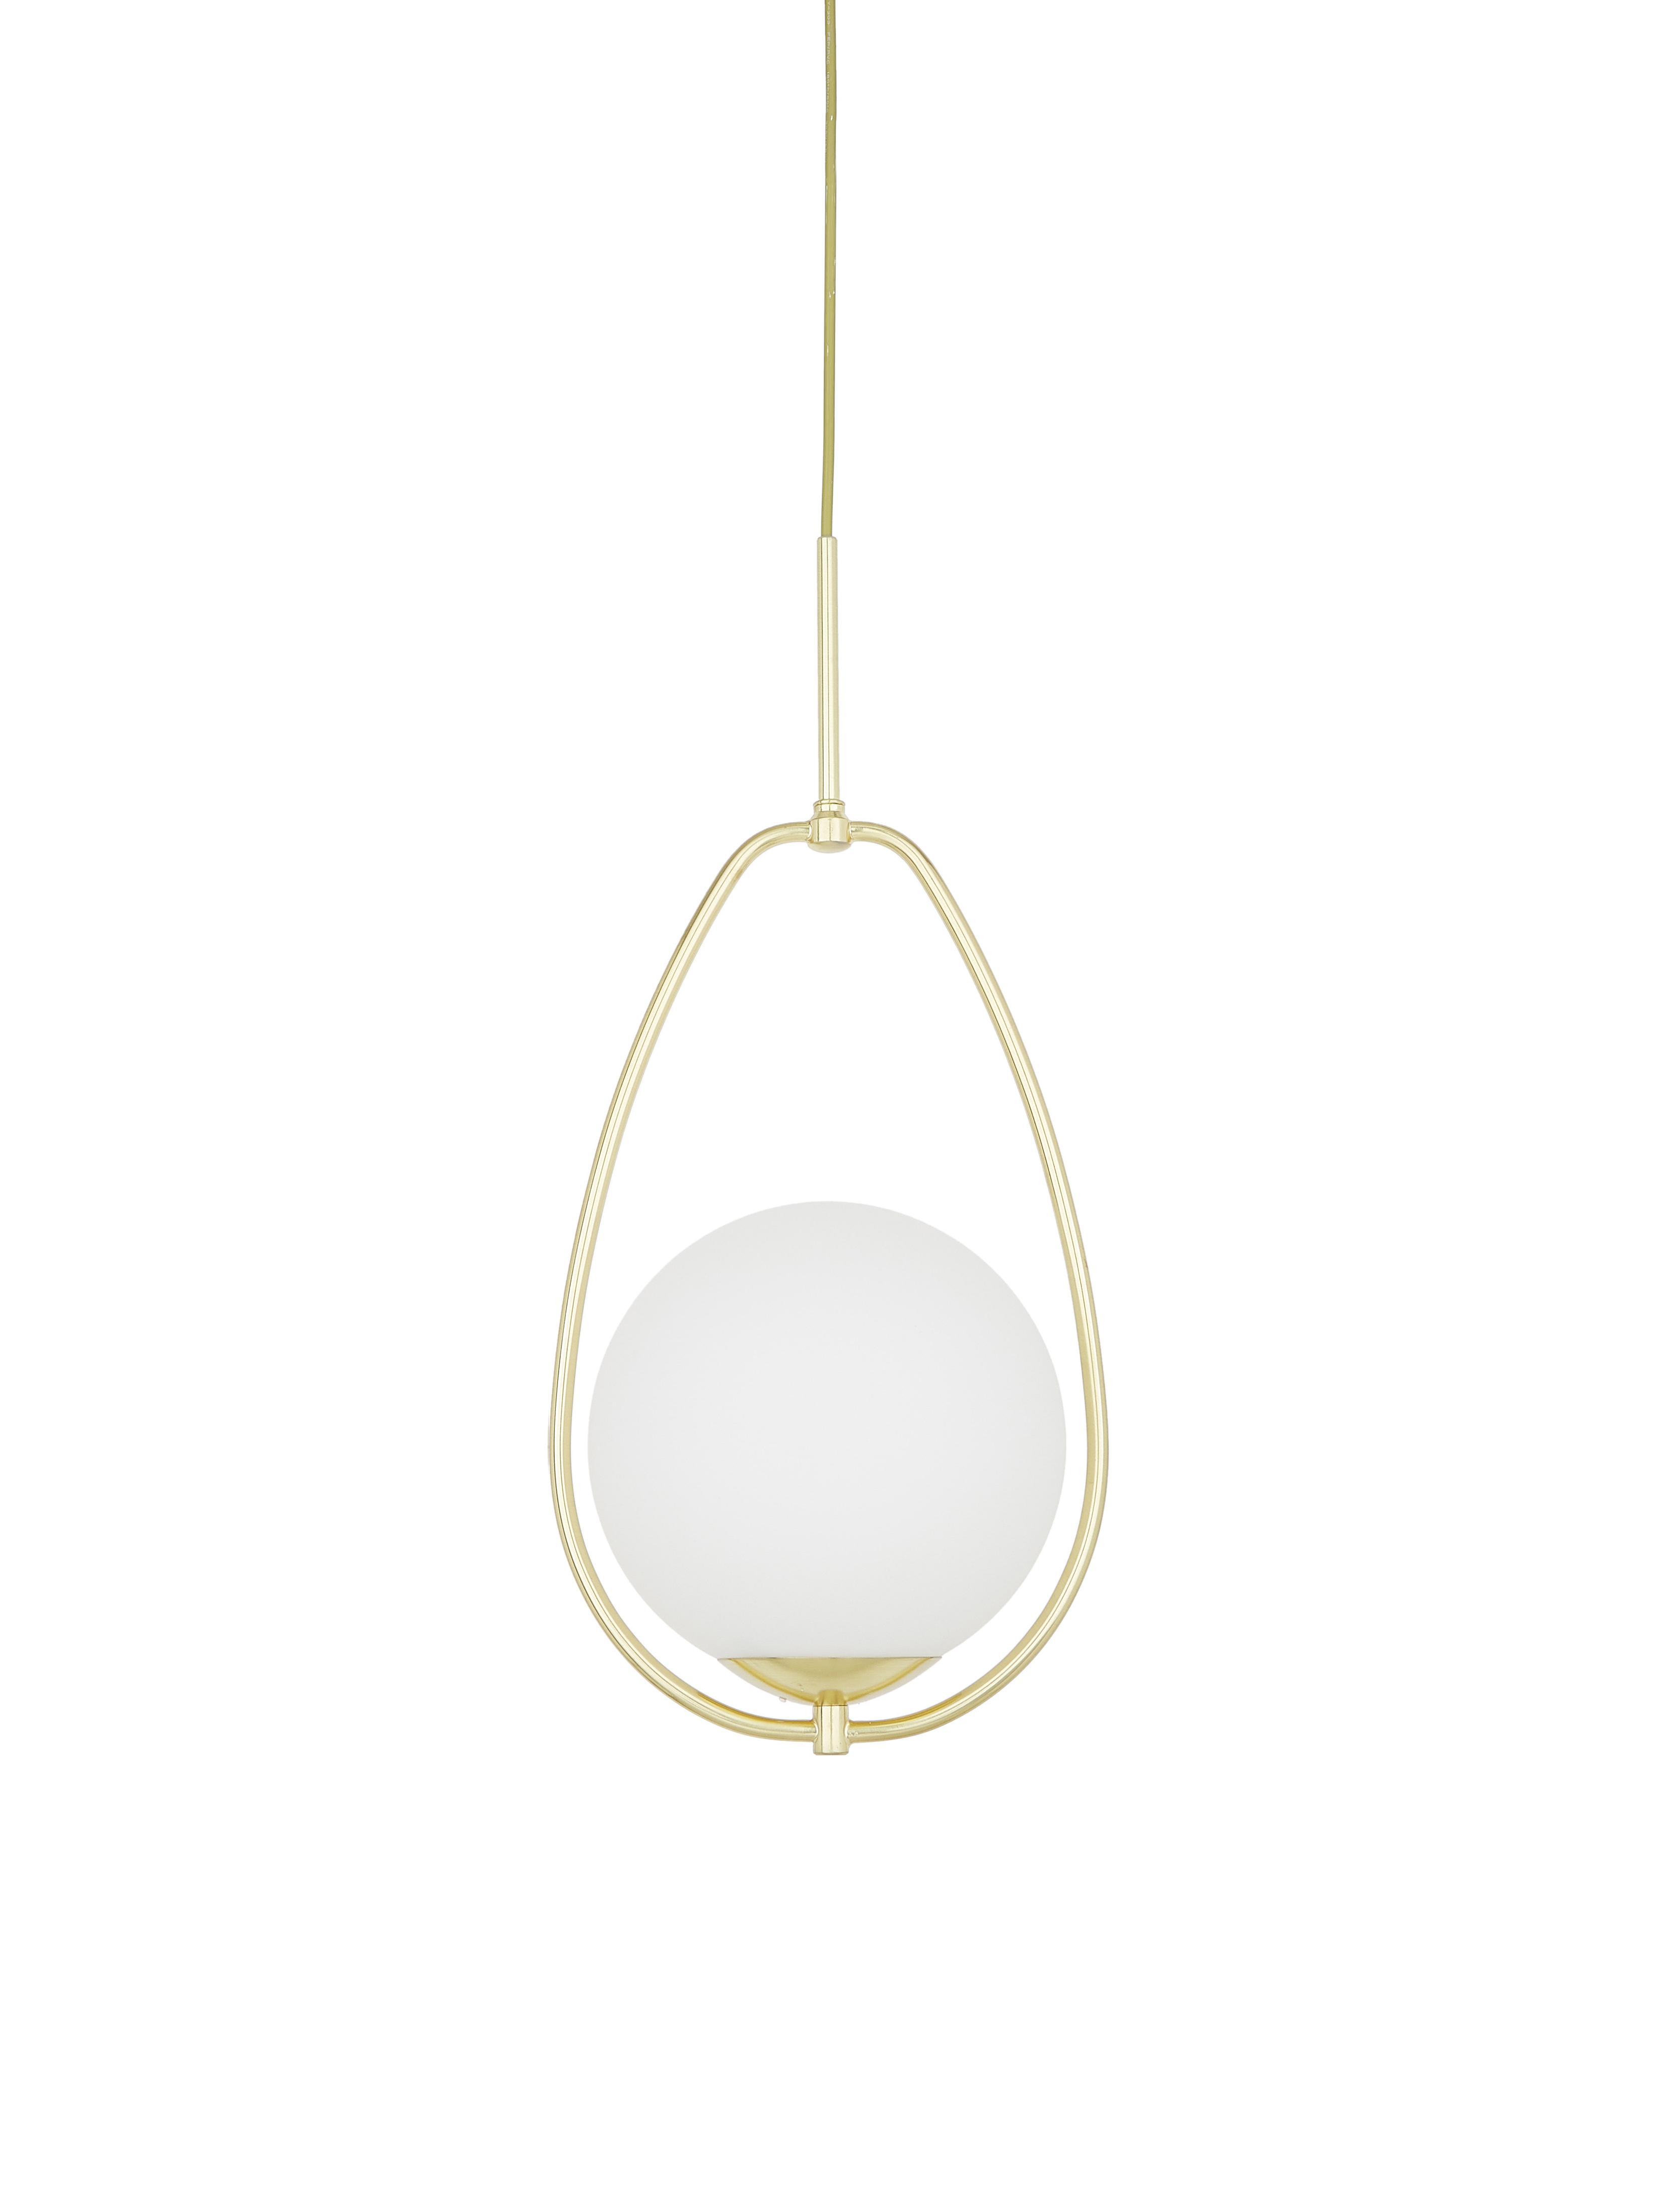 Kleine Pendelleuchte Avalon aus Opalglas, Lampenschirm: Glas, Weiß, Goldfarben, Ø 23 x H 51 cm